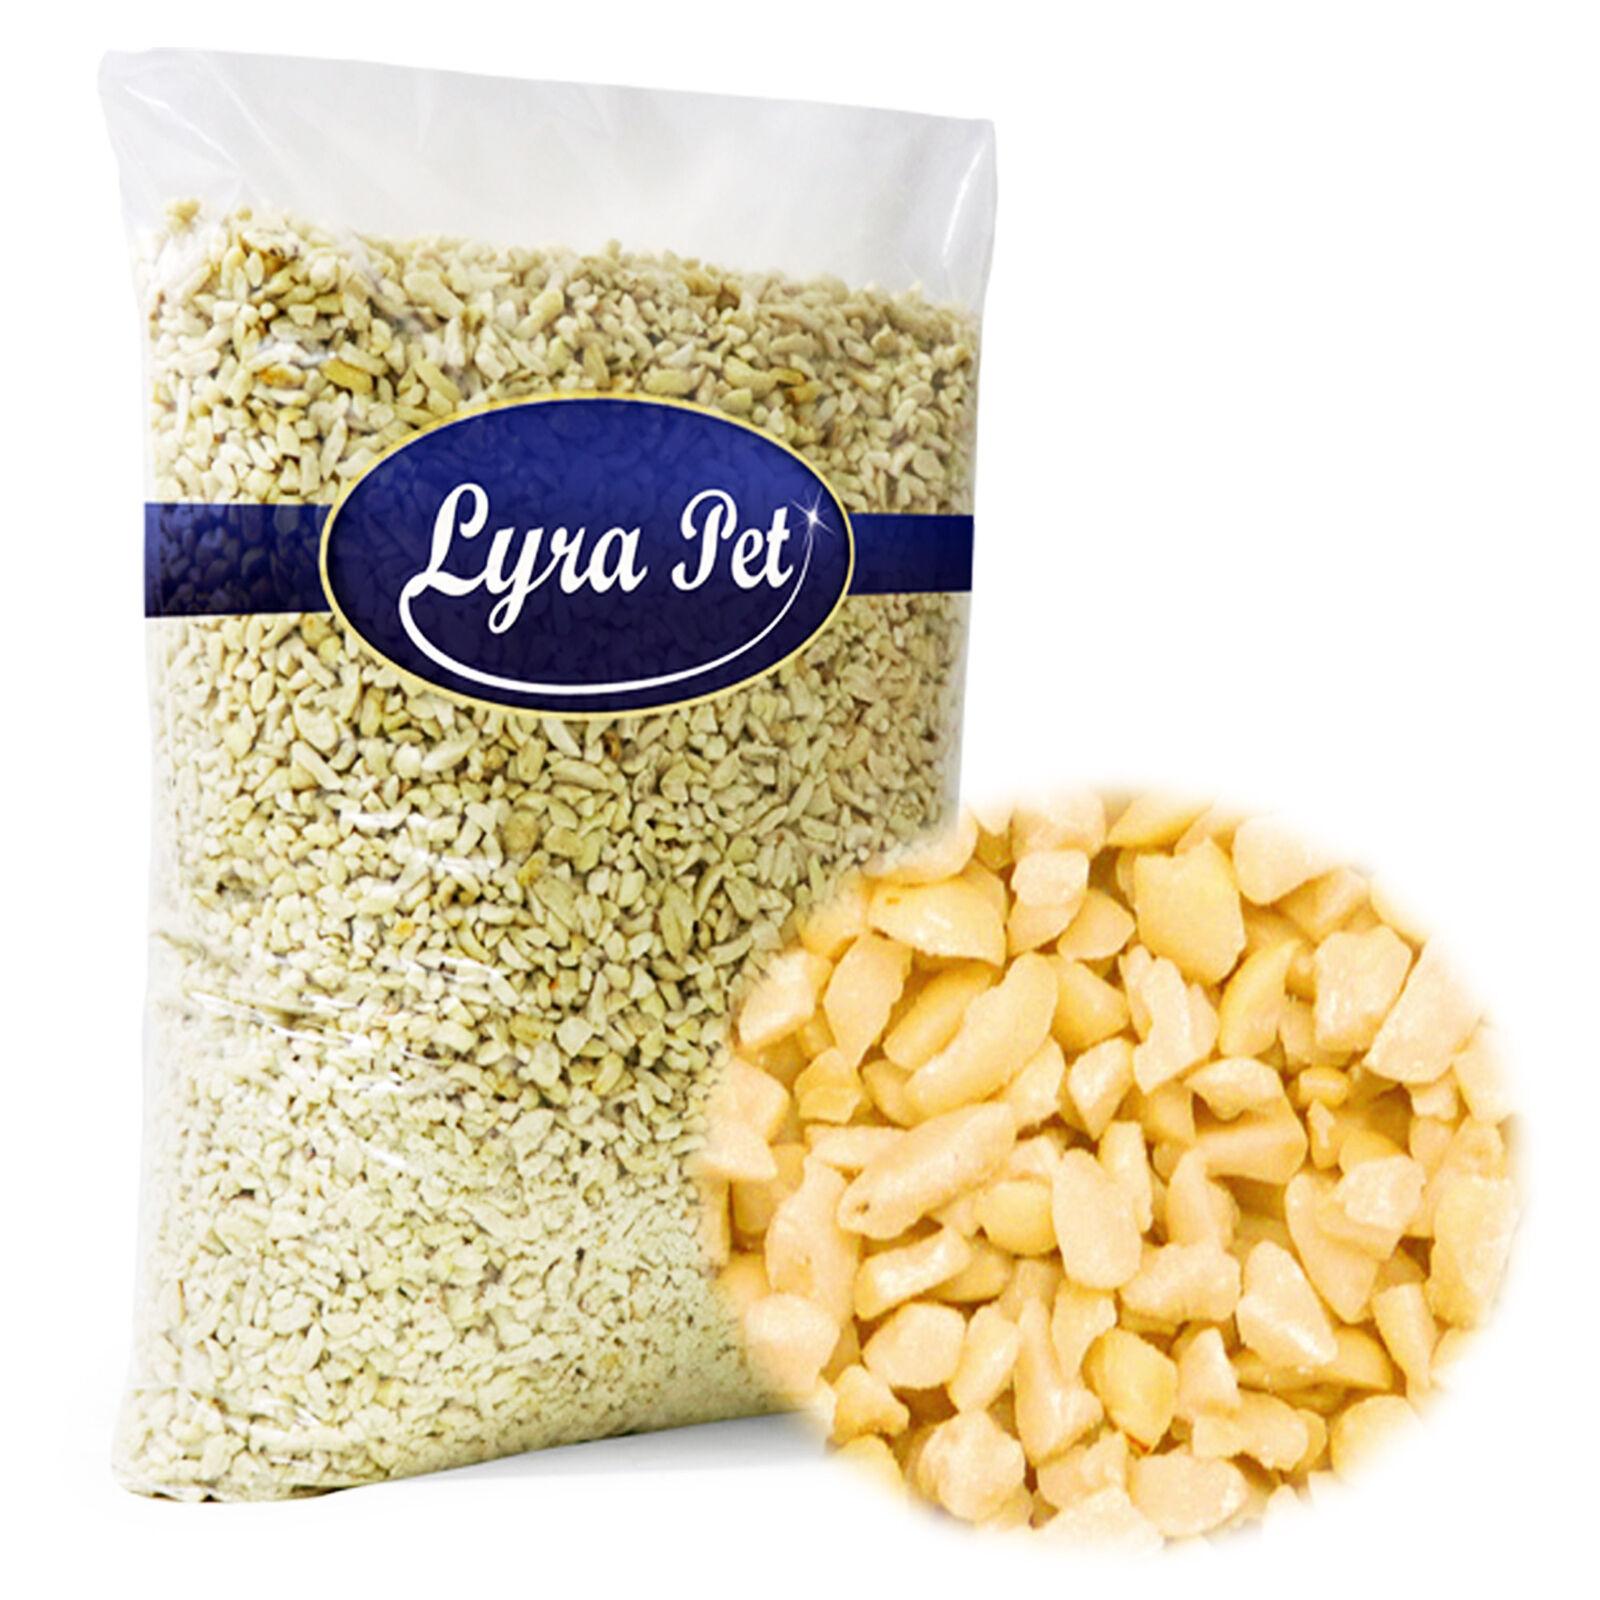 25 kg Erdnusskerne weiss gehackt Erdnüsse Lyra Pet Vogelfutter HK 1 Argentinien